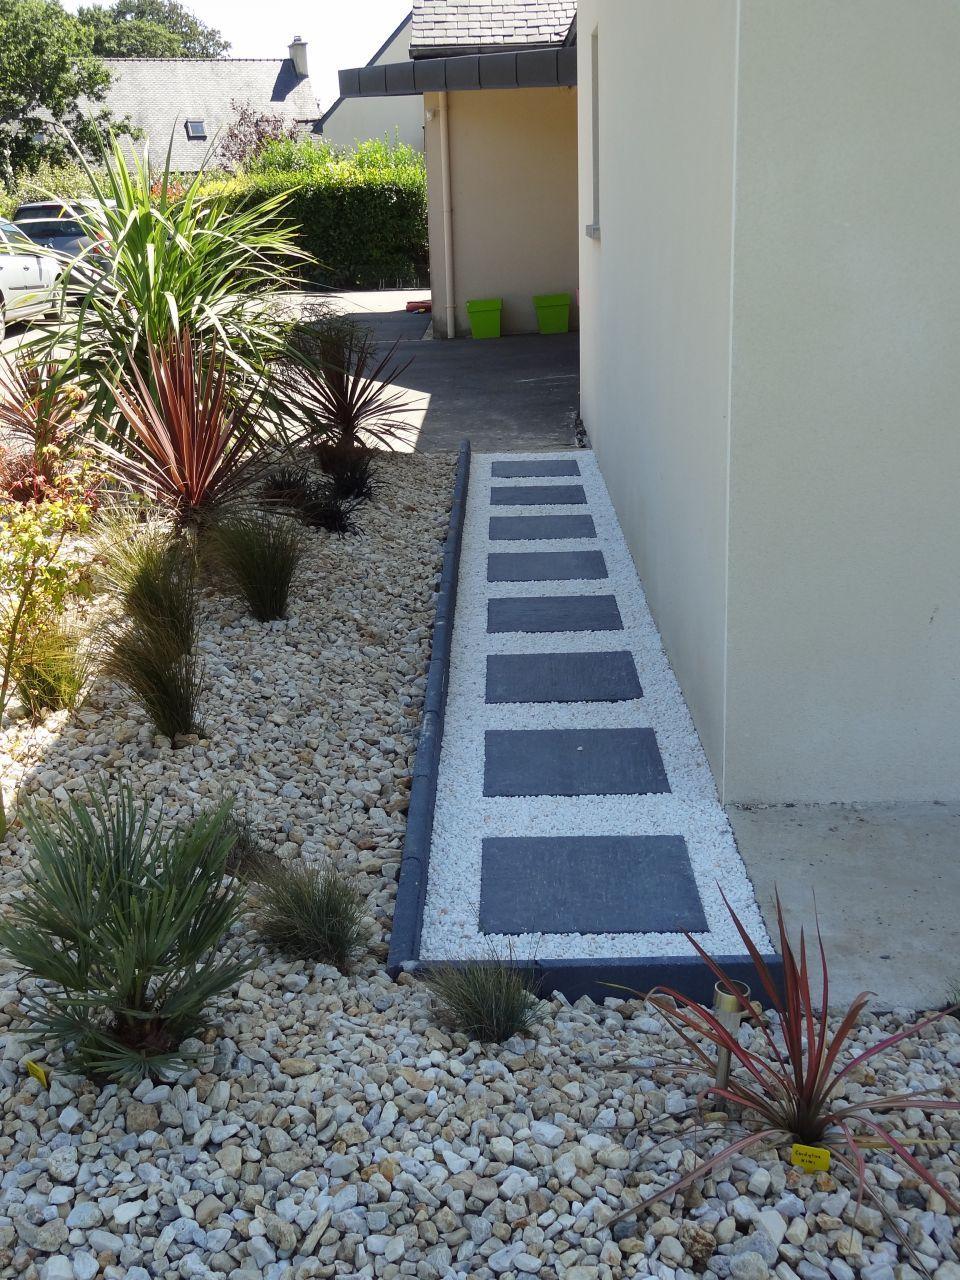 4 mise niveau des dalles qui sont pos es sur le lit de sable phase la plus longue 5. Black Bedroom Furniture Sets. Home Design Ideas